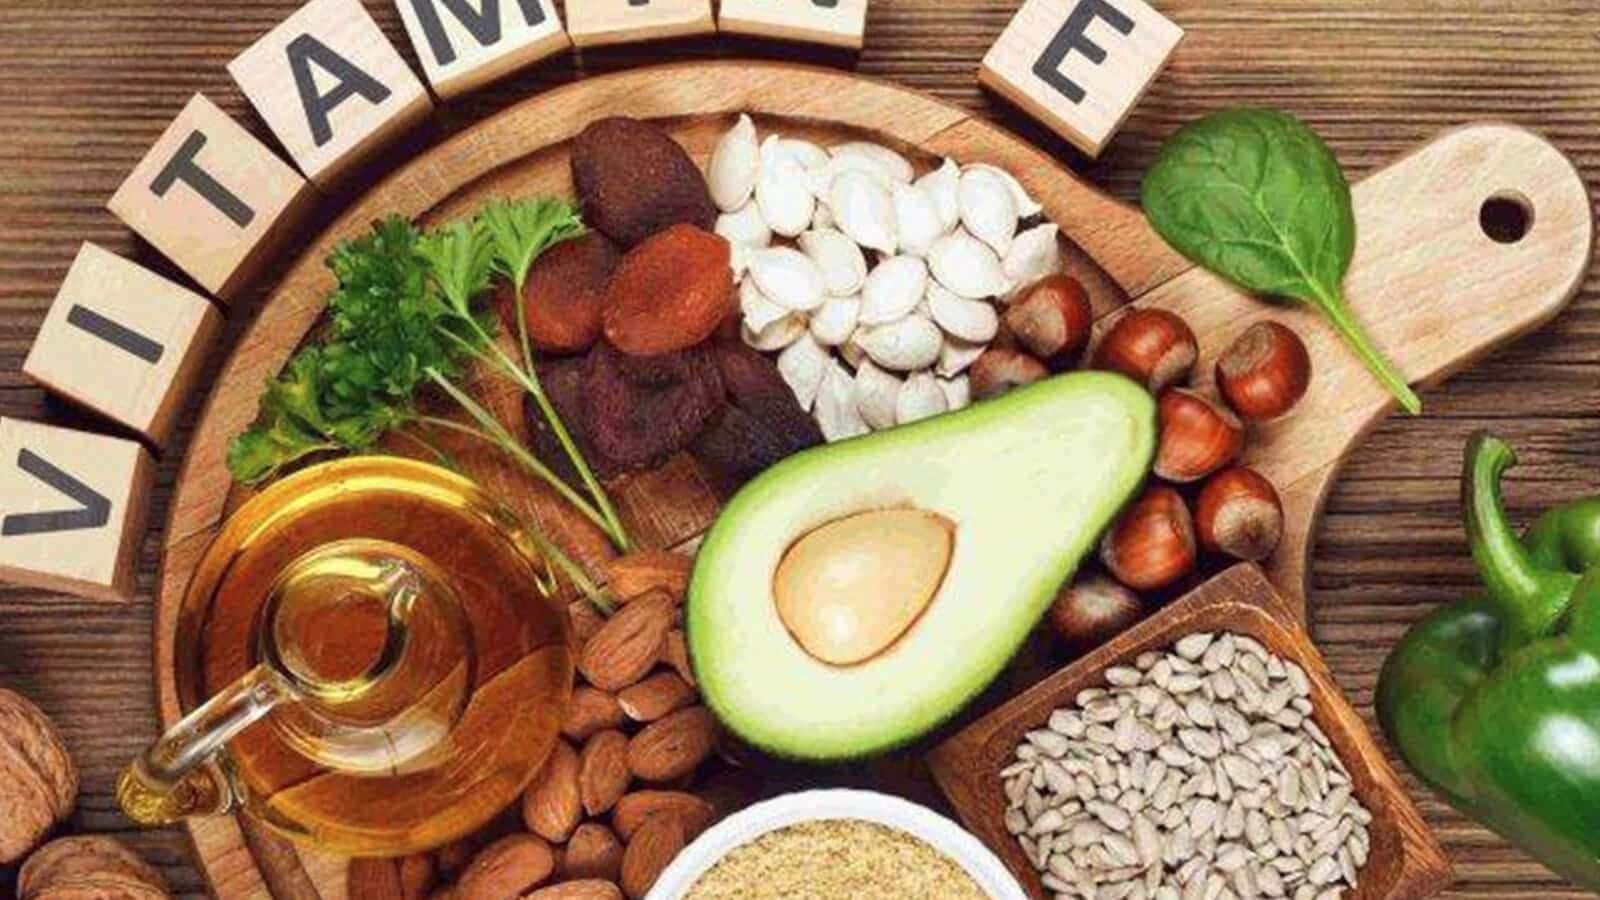 Source of vitamin E